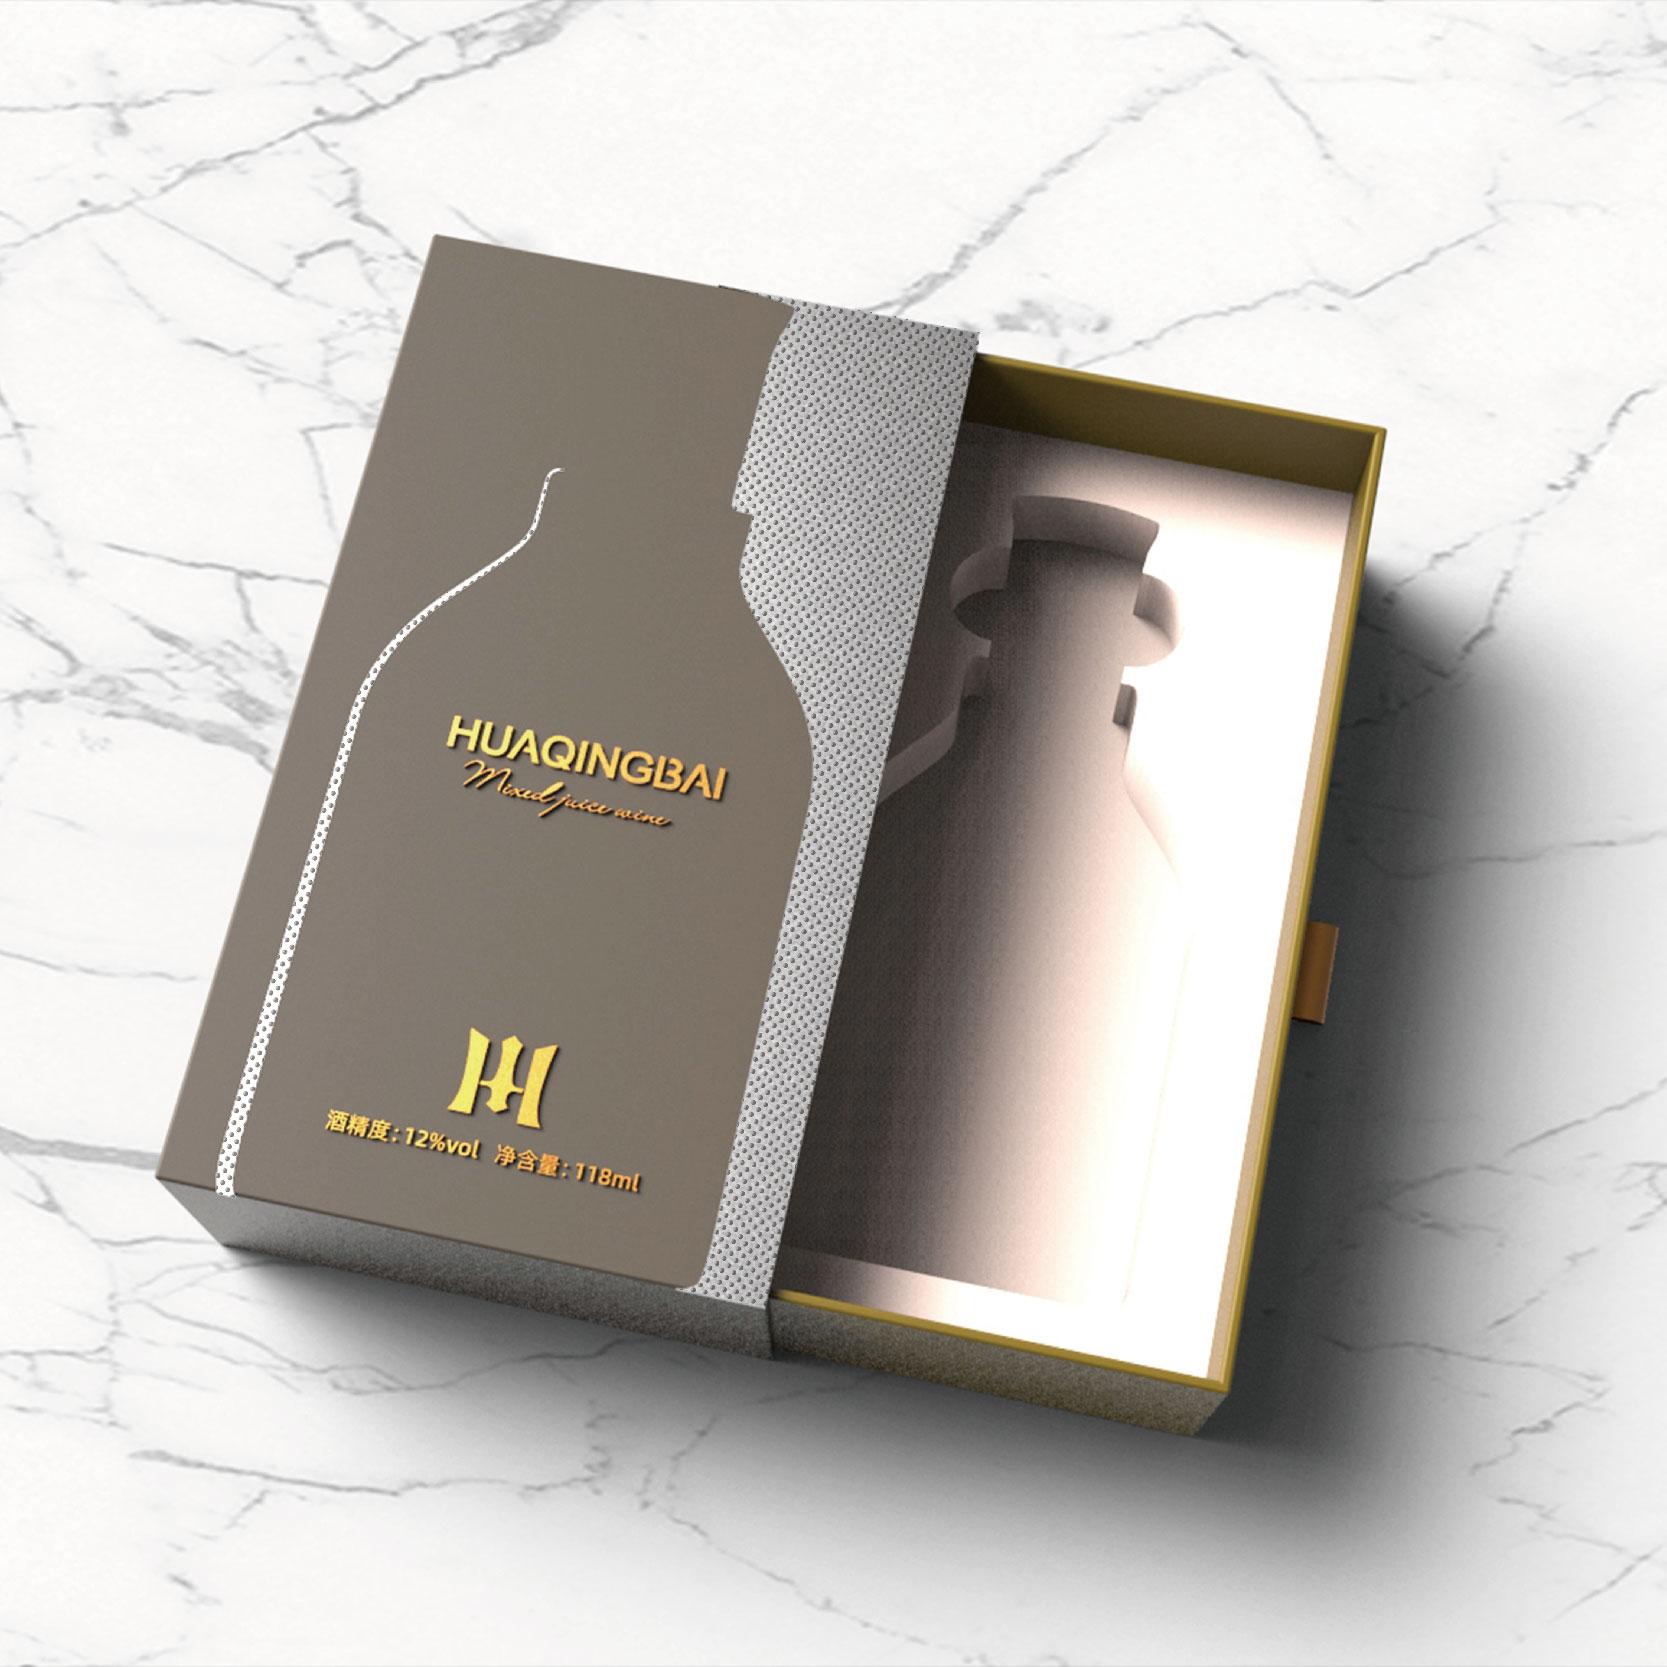 華清白酒包裝設計